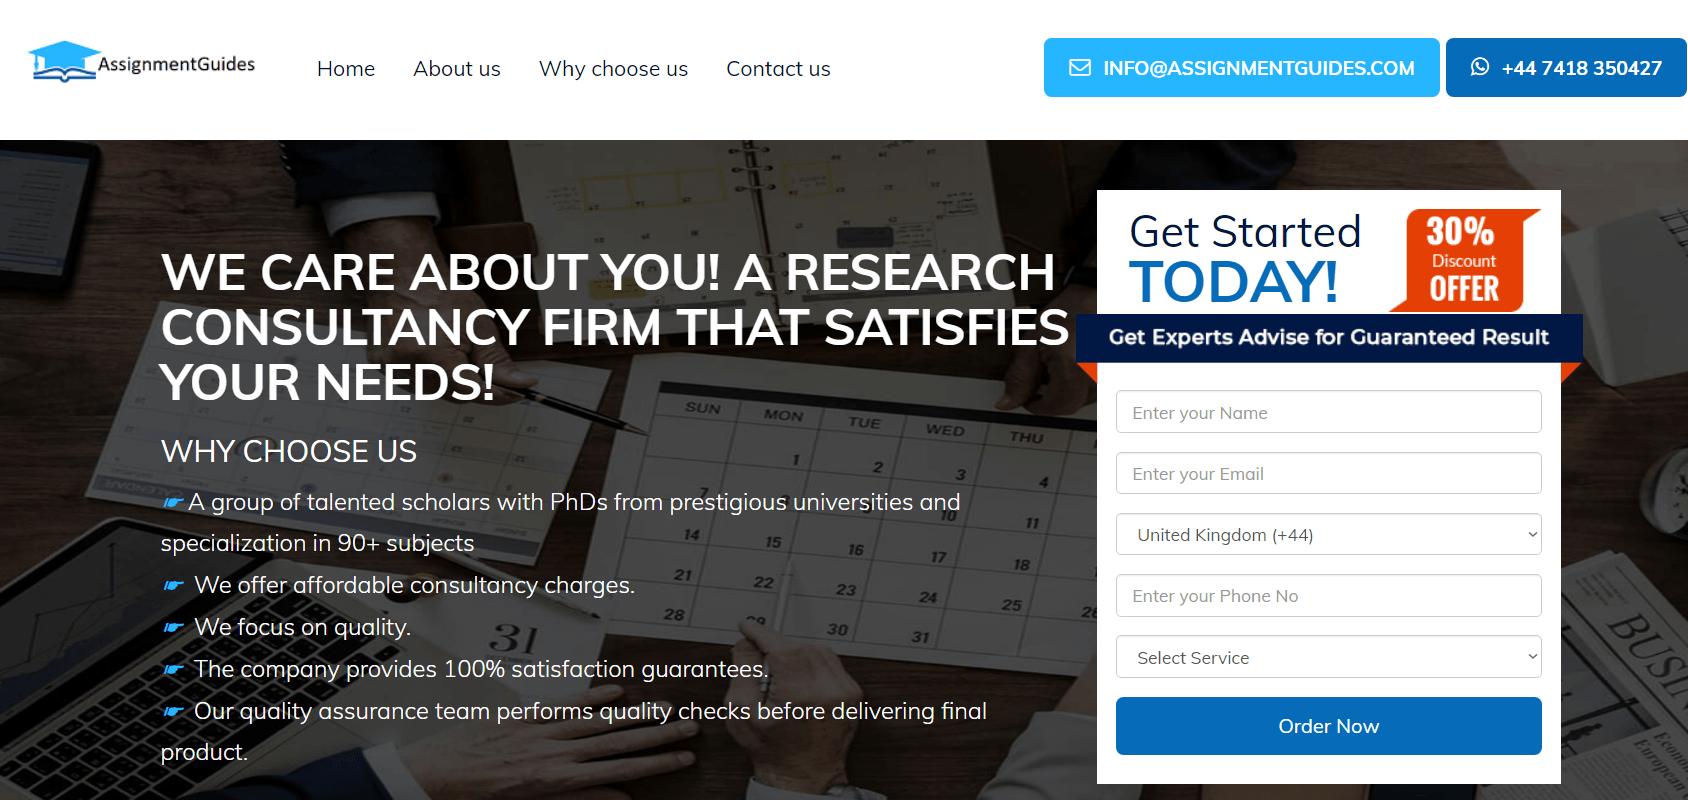 assignmentguides.com